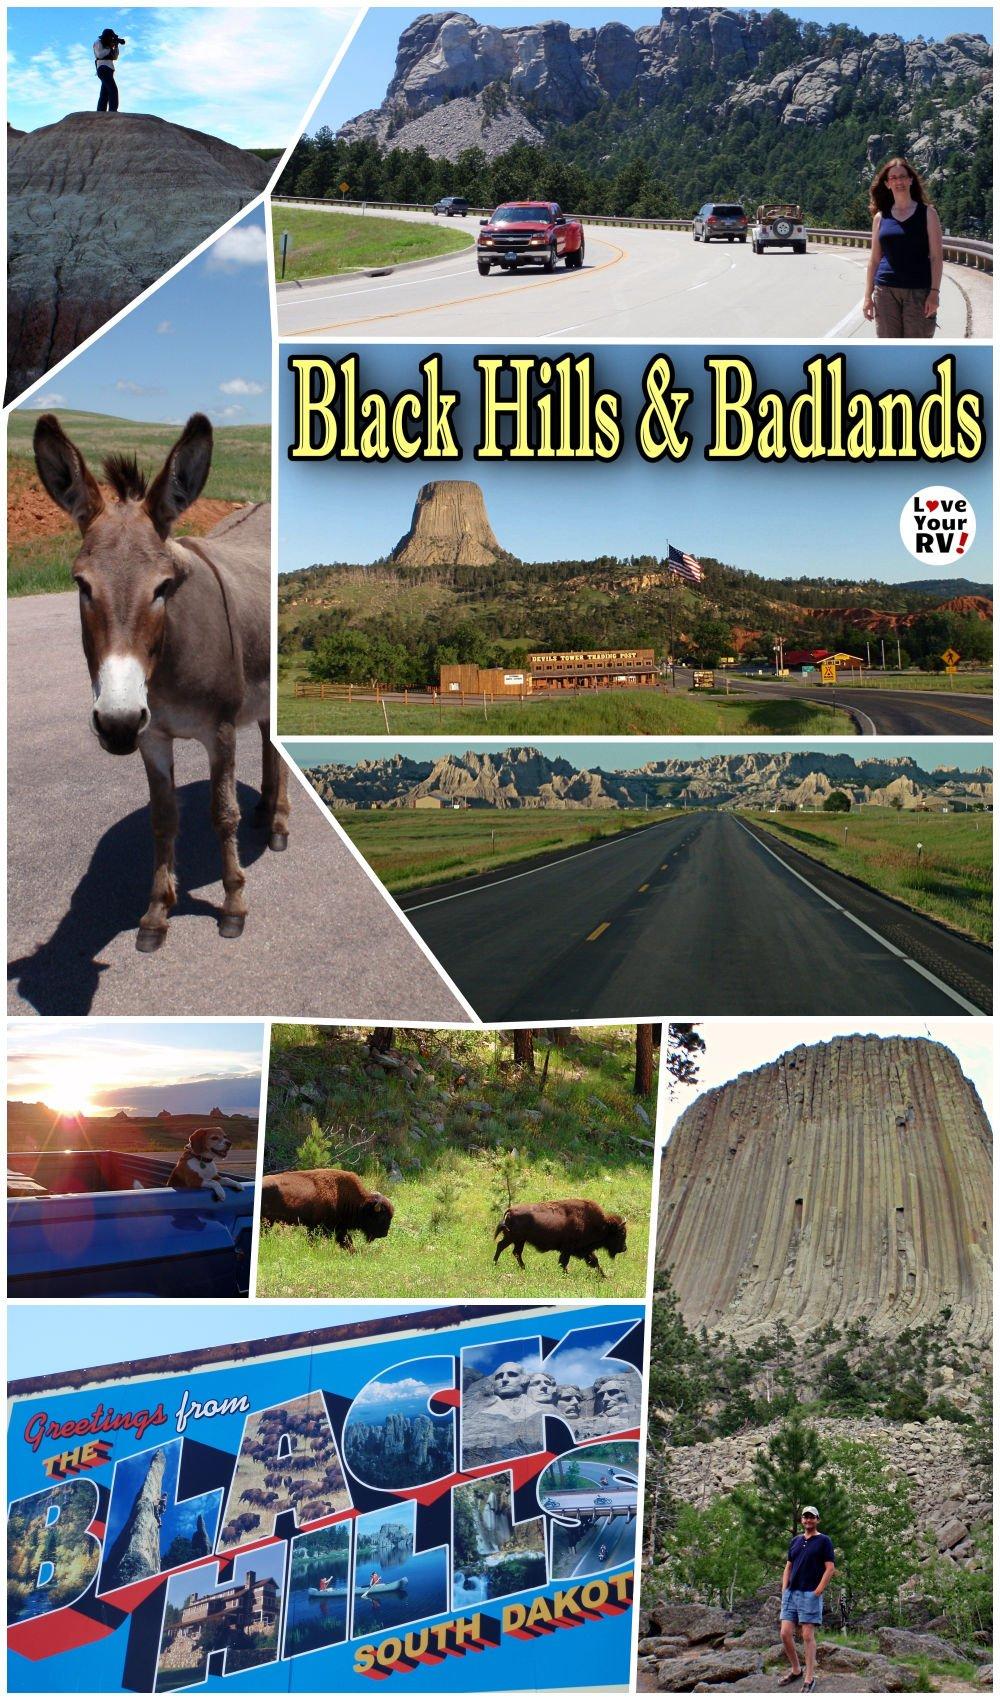 Devils Tower, Black Hills and Badlands NP - Throwback Video (July 2011)